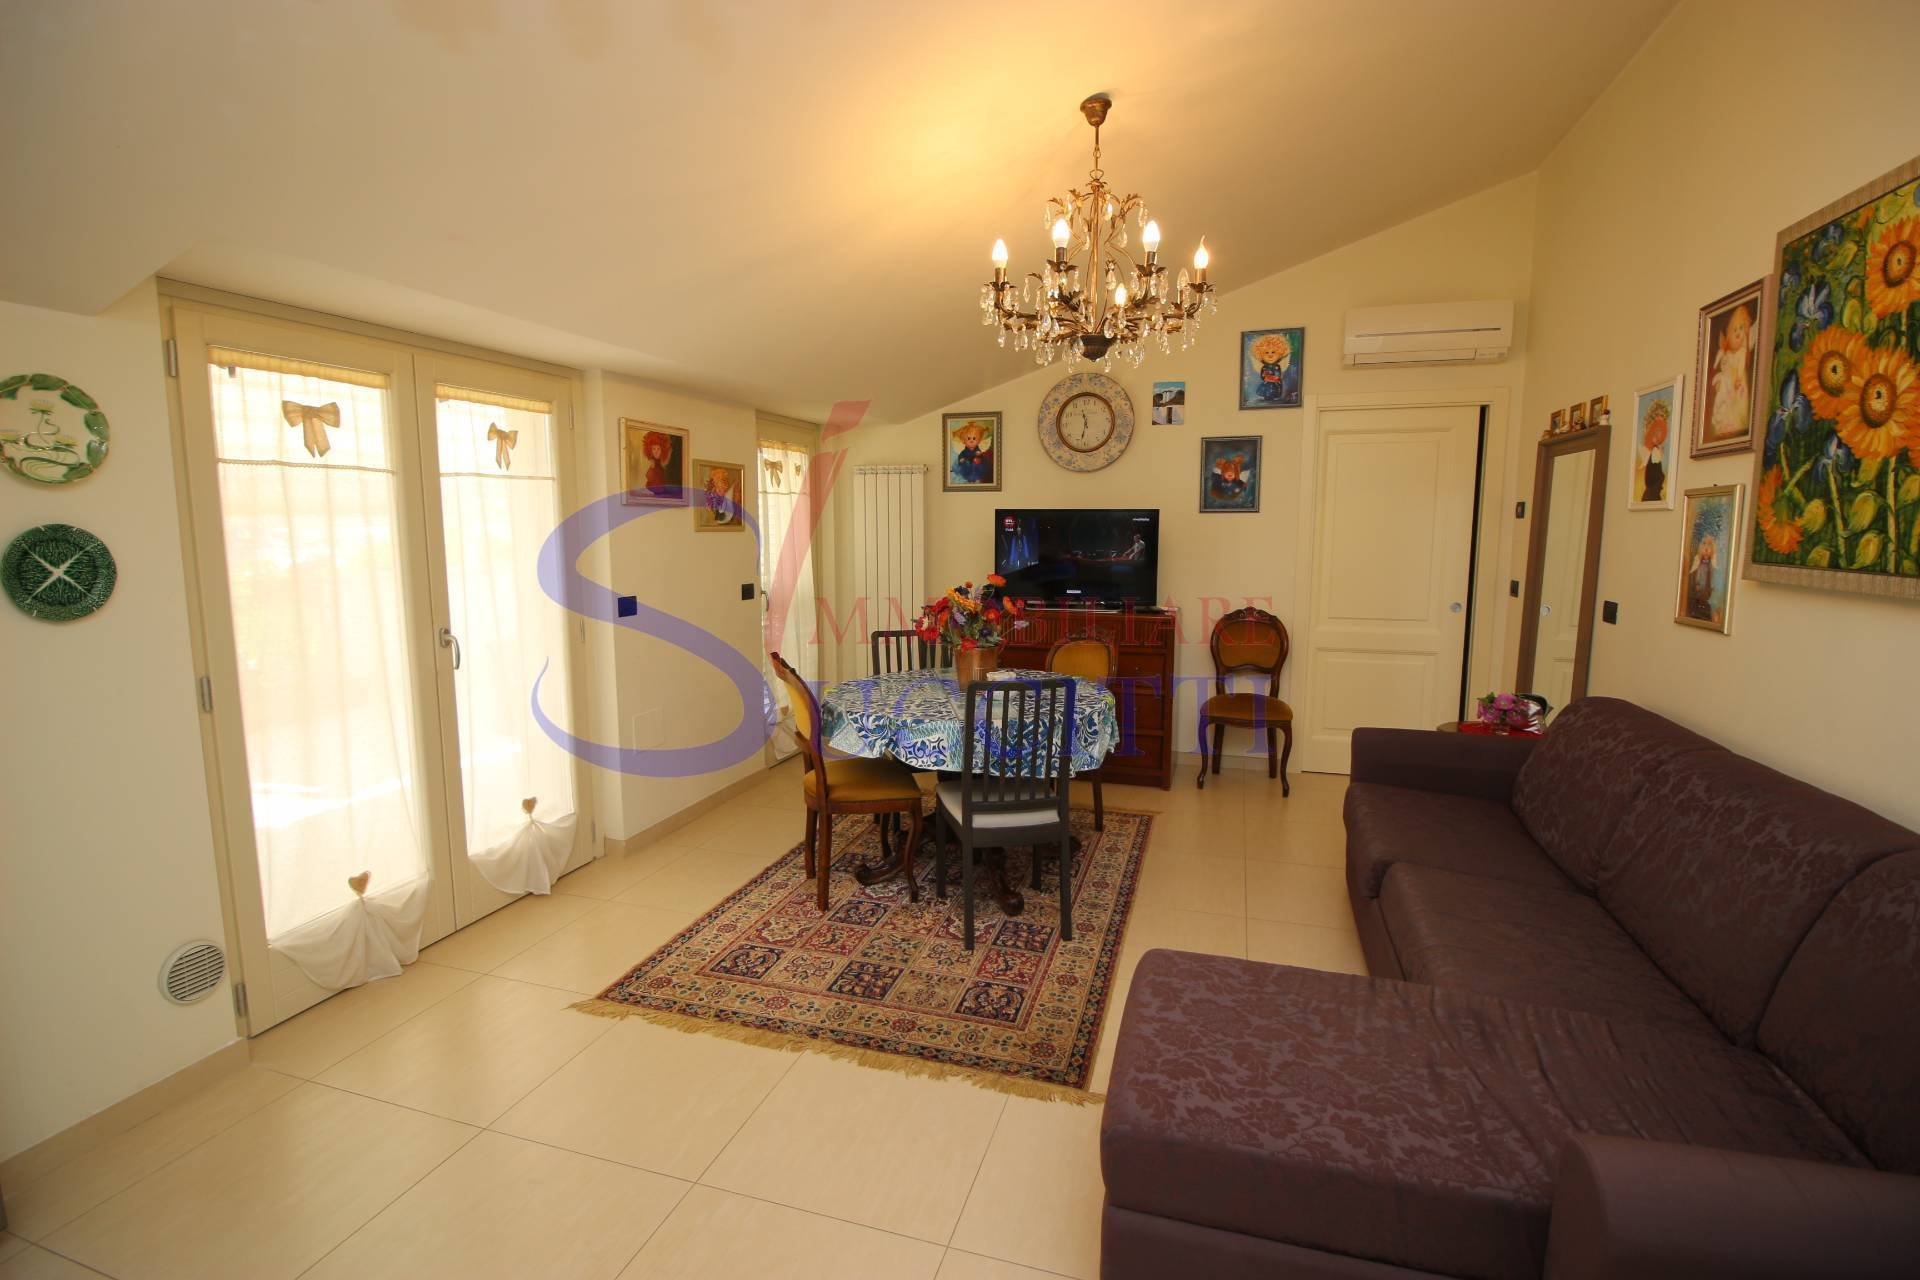 Appartamento in affitto a Tortoreto, 4 locali, zona Località: TortoretoLido, Trattative riservate | CambioCasa.it